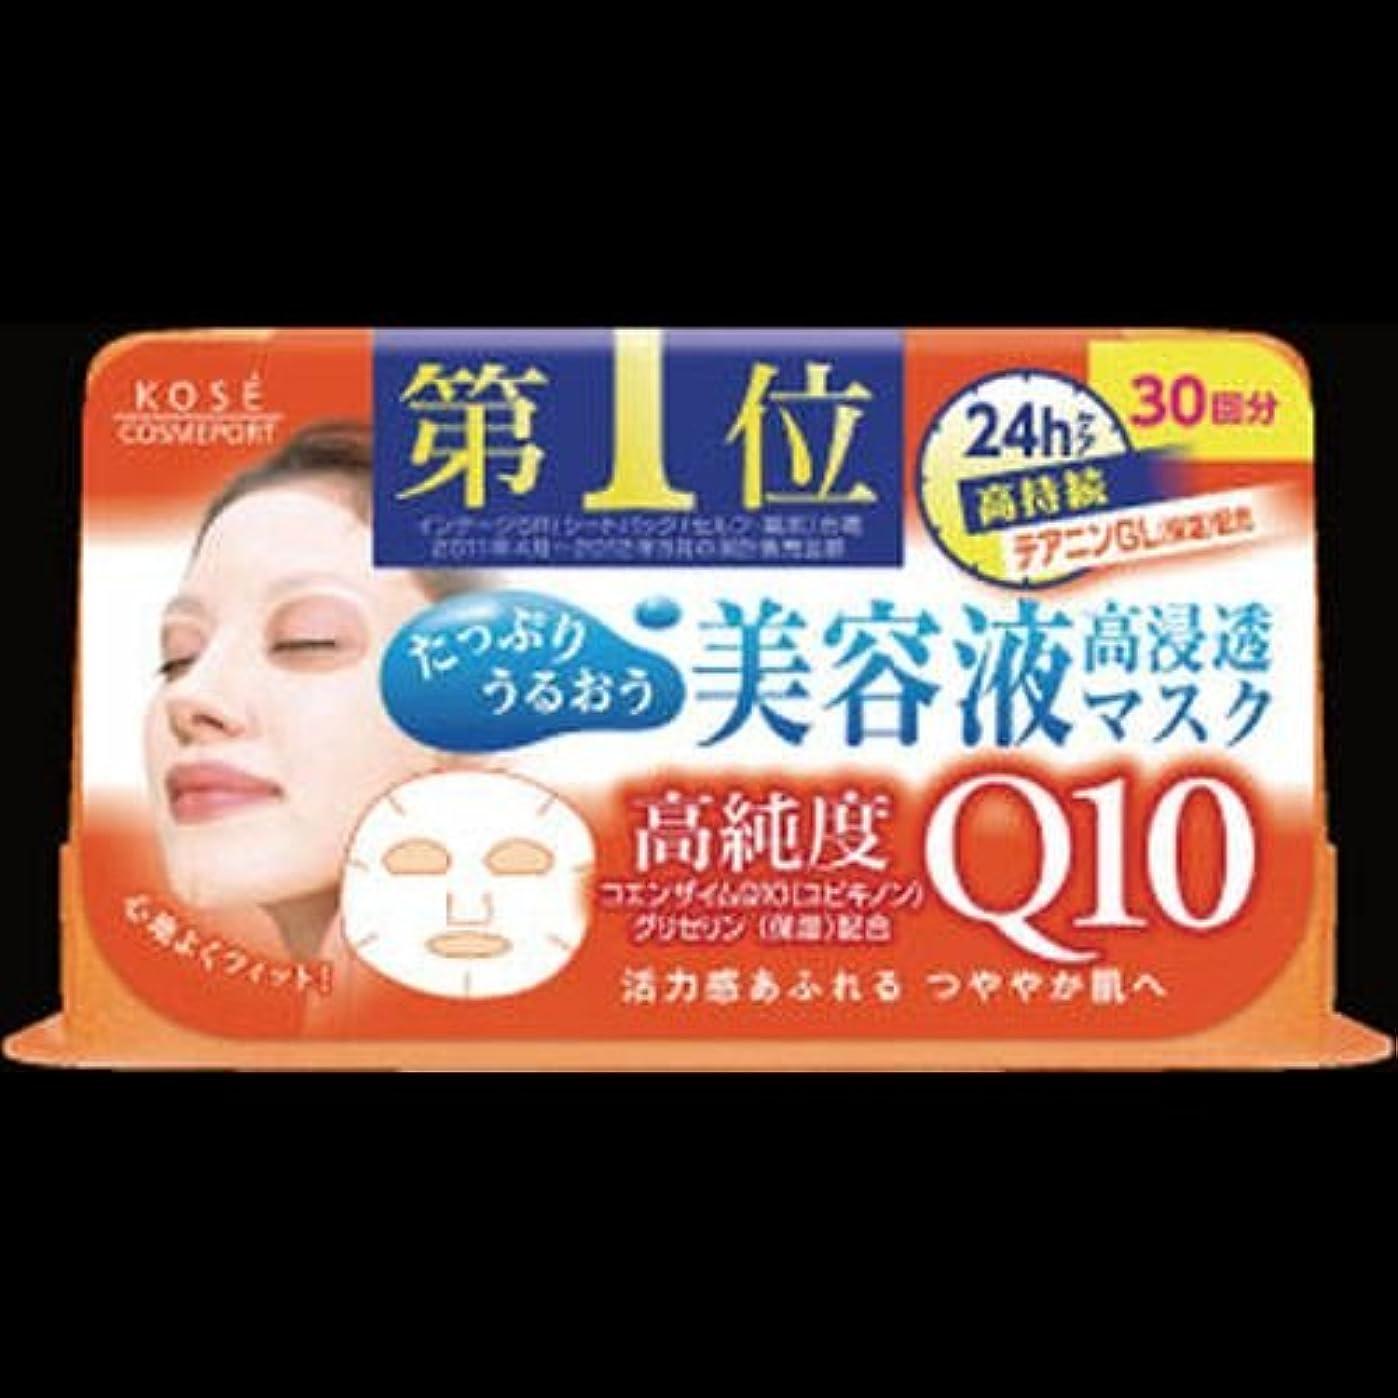 回復気性年齢クリアターン Q エッセンスマスク (コエンザイムQ10) ×2セット